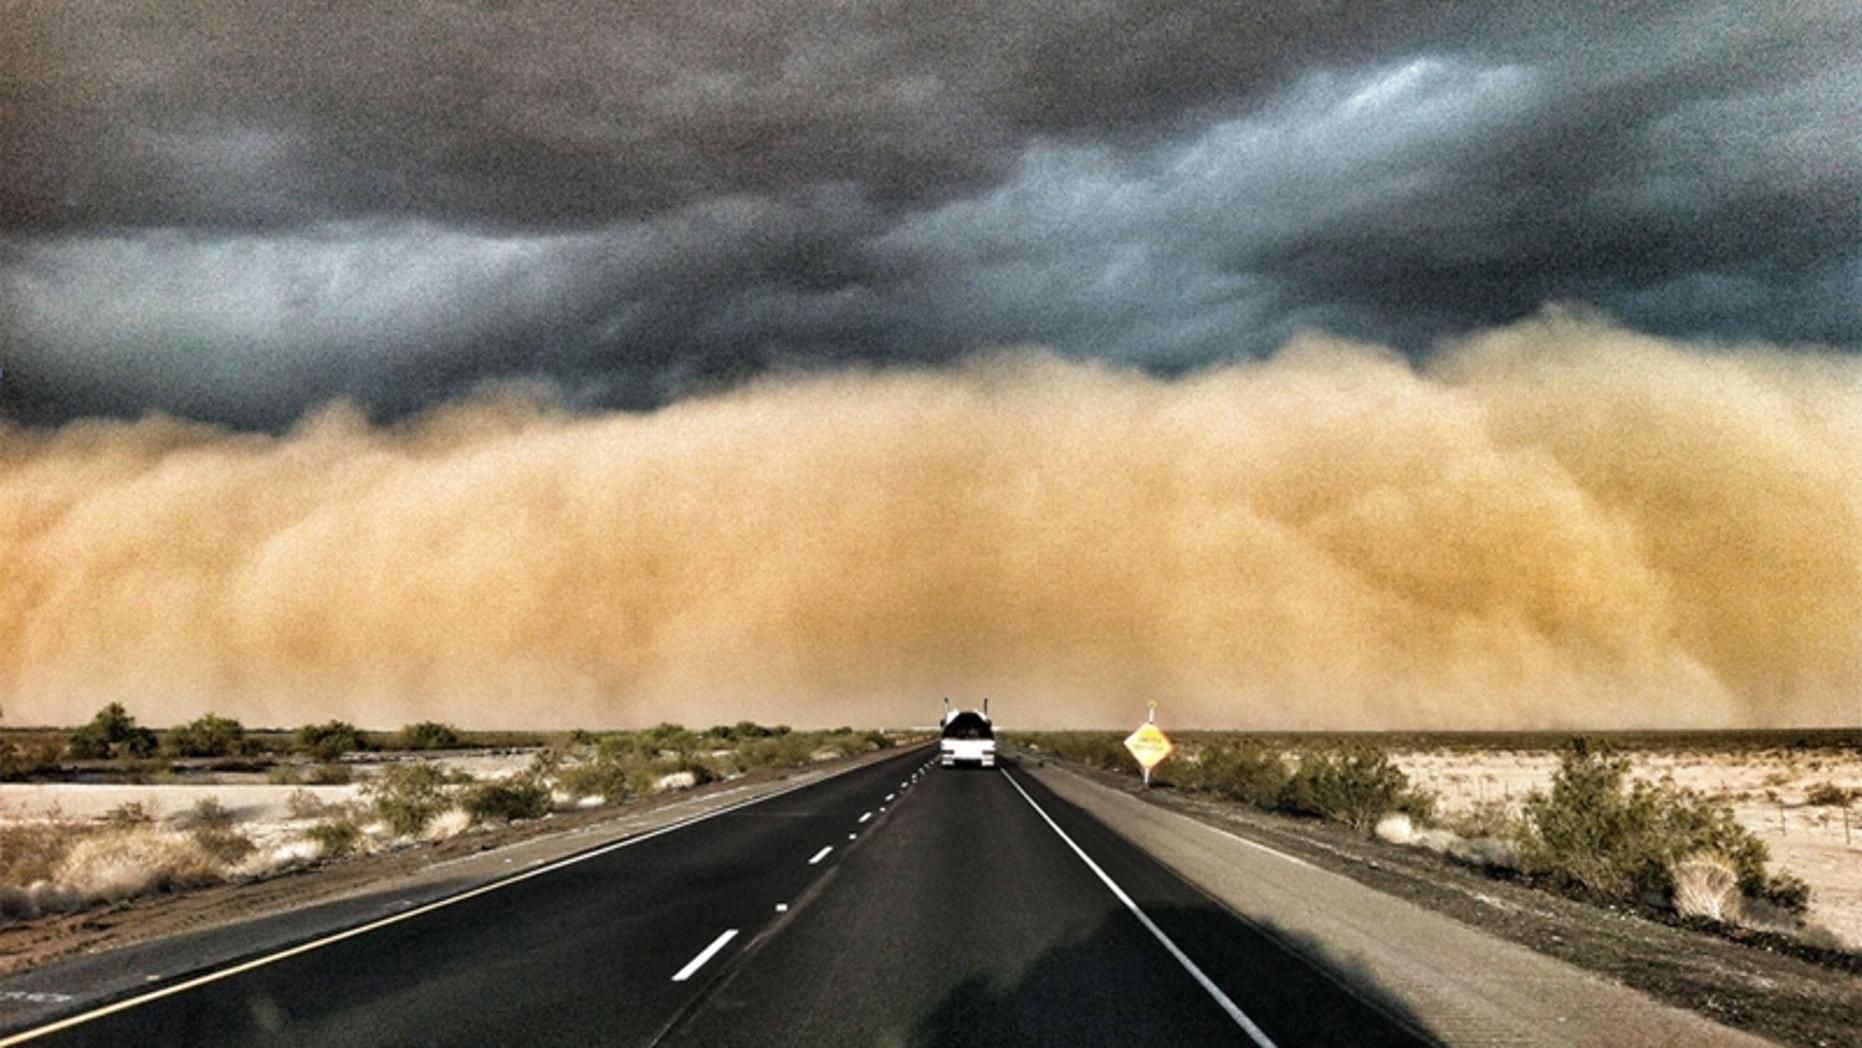 April 9, 2012: A huge dust storm hits Arizona.